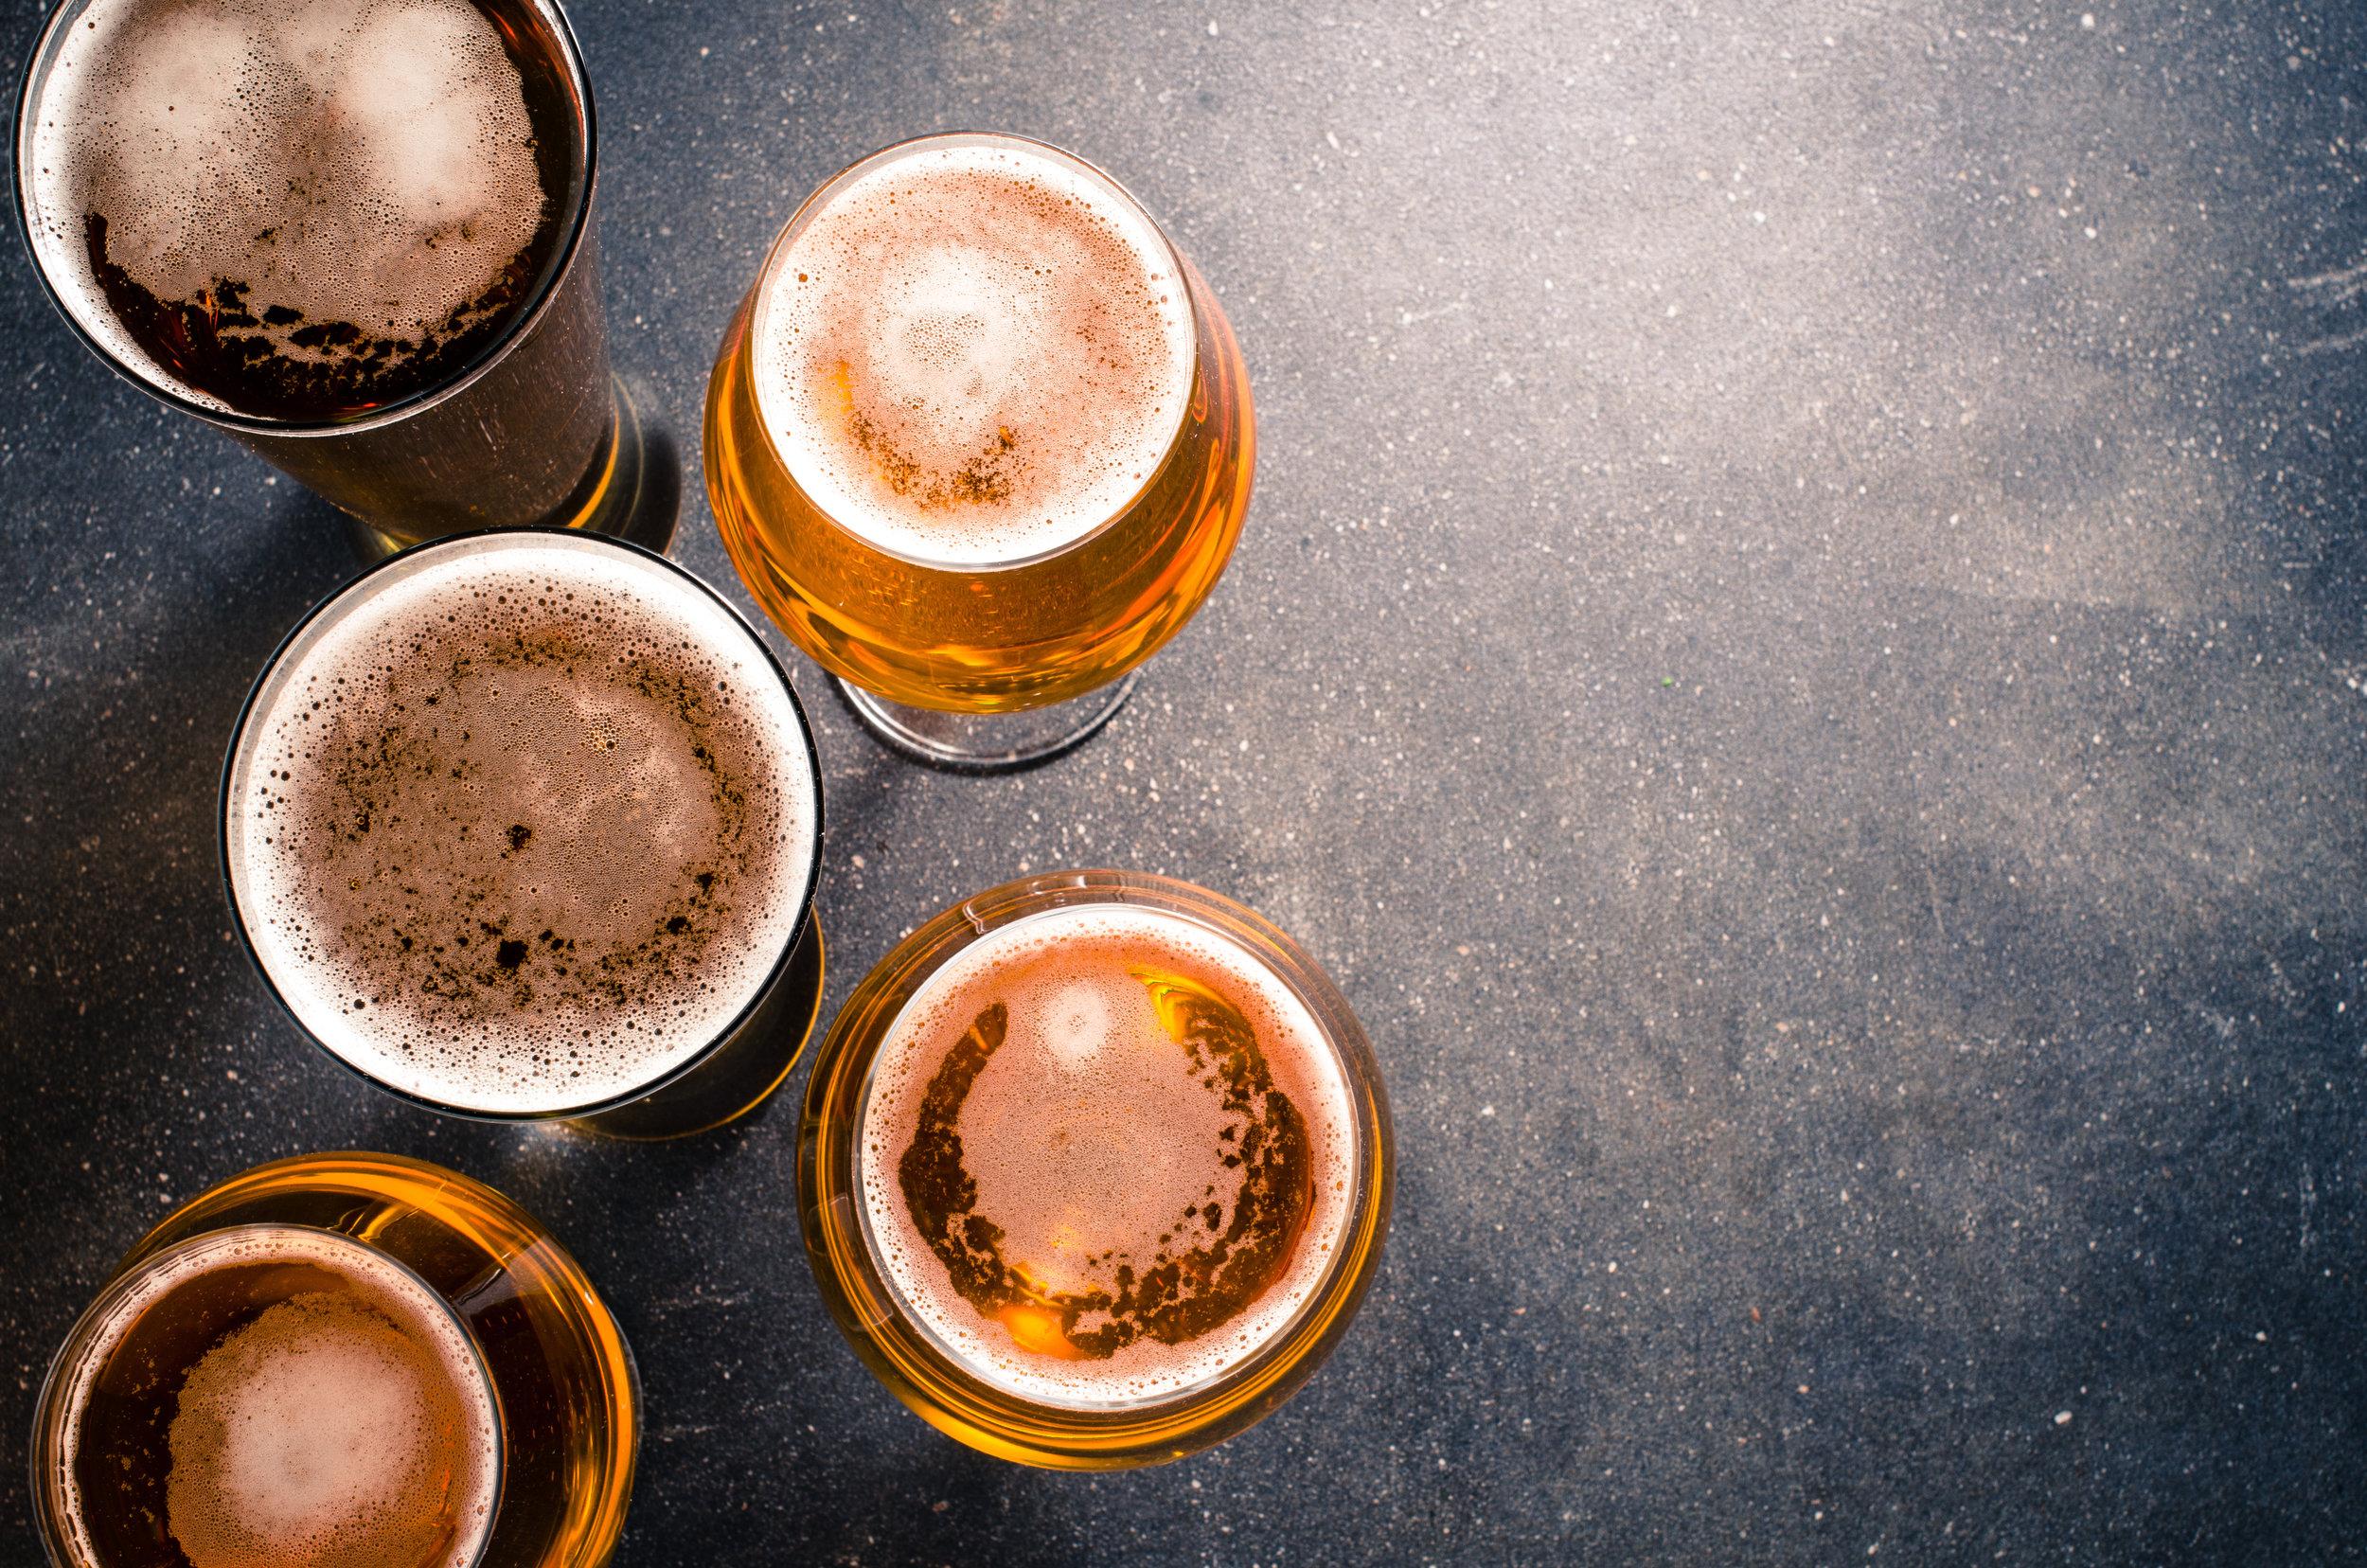 food background - beer.jpg